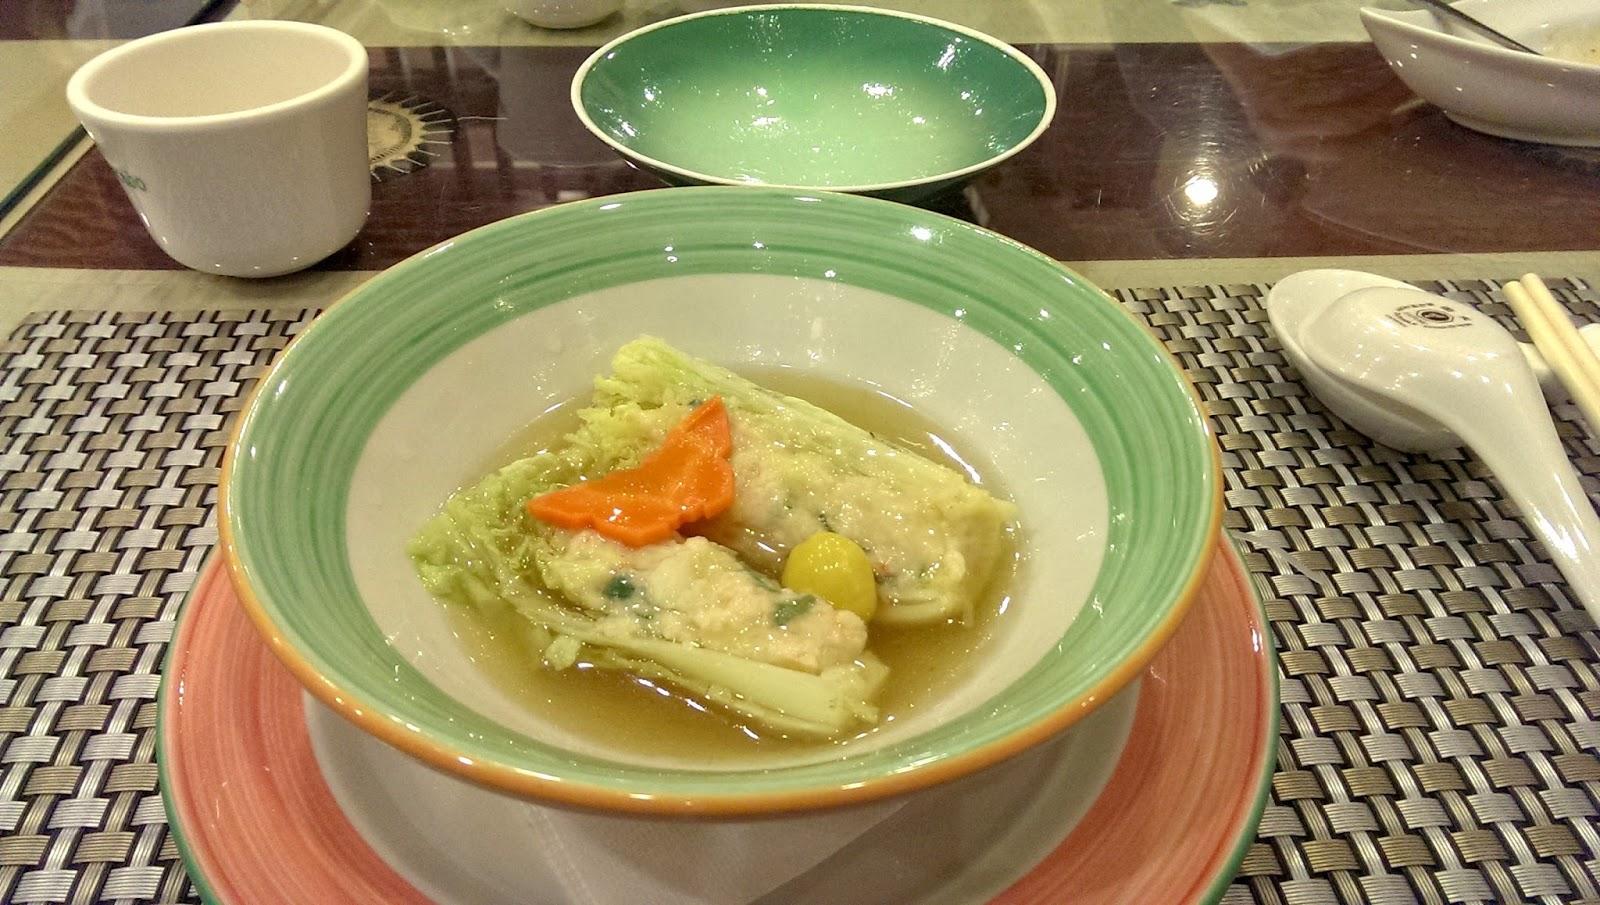 2015 07 13%2B20.11.56 - [食記] 二階堂懷石料理 - 令人不知所措的老日式料理